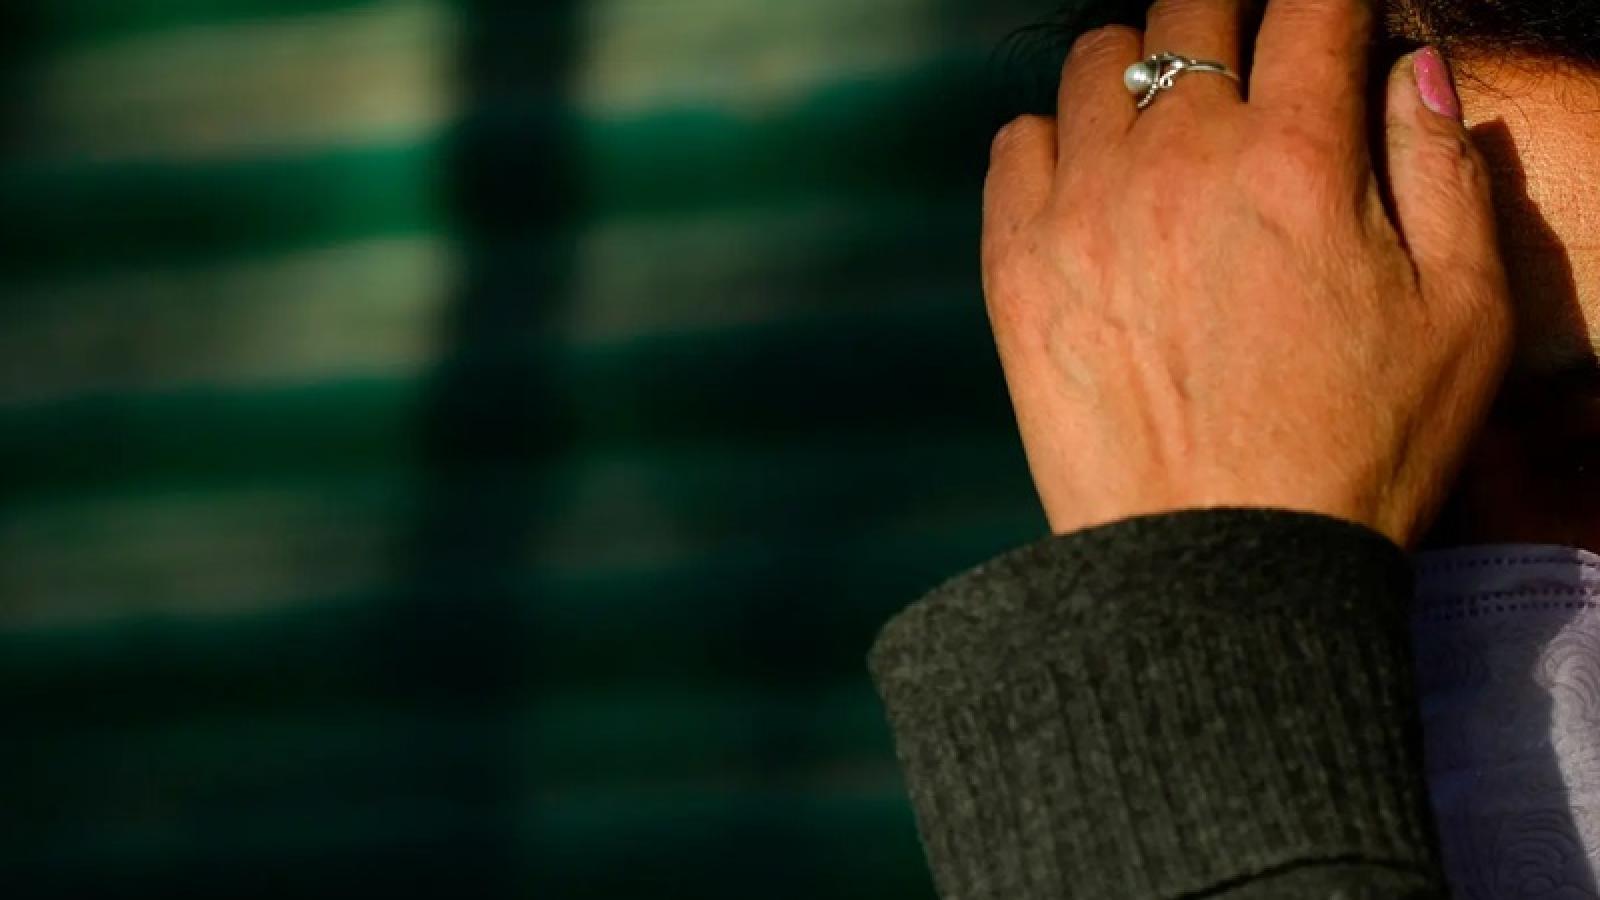 Đại dịch Covid-19 khiến bạo lực gia đình gia tăng ở nhiều nước